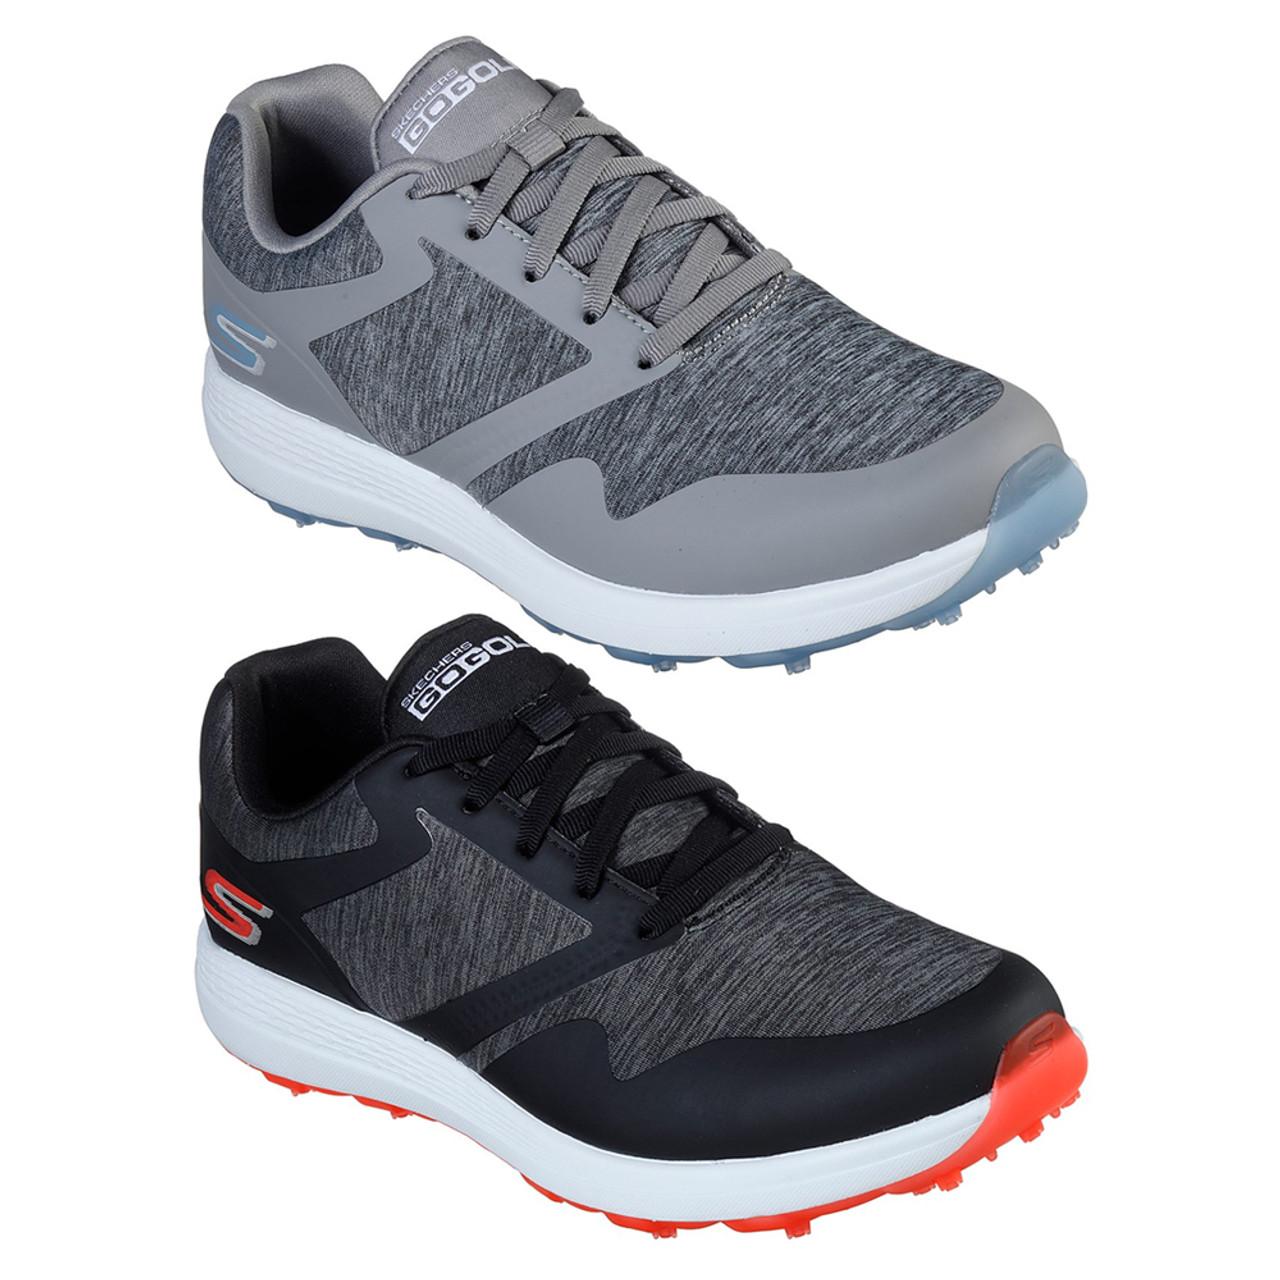 Cut Spikeless Golf Shoes 2019 Women